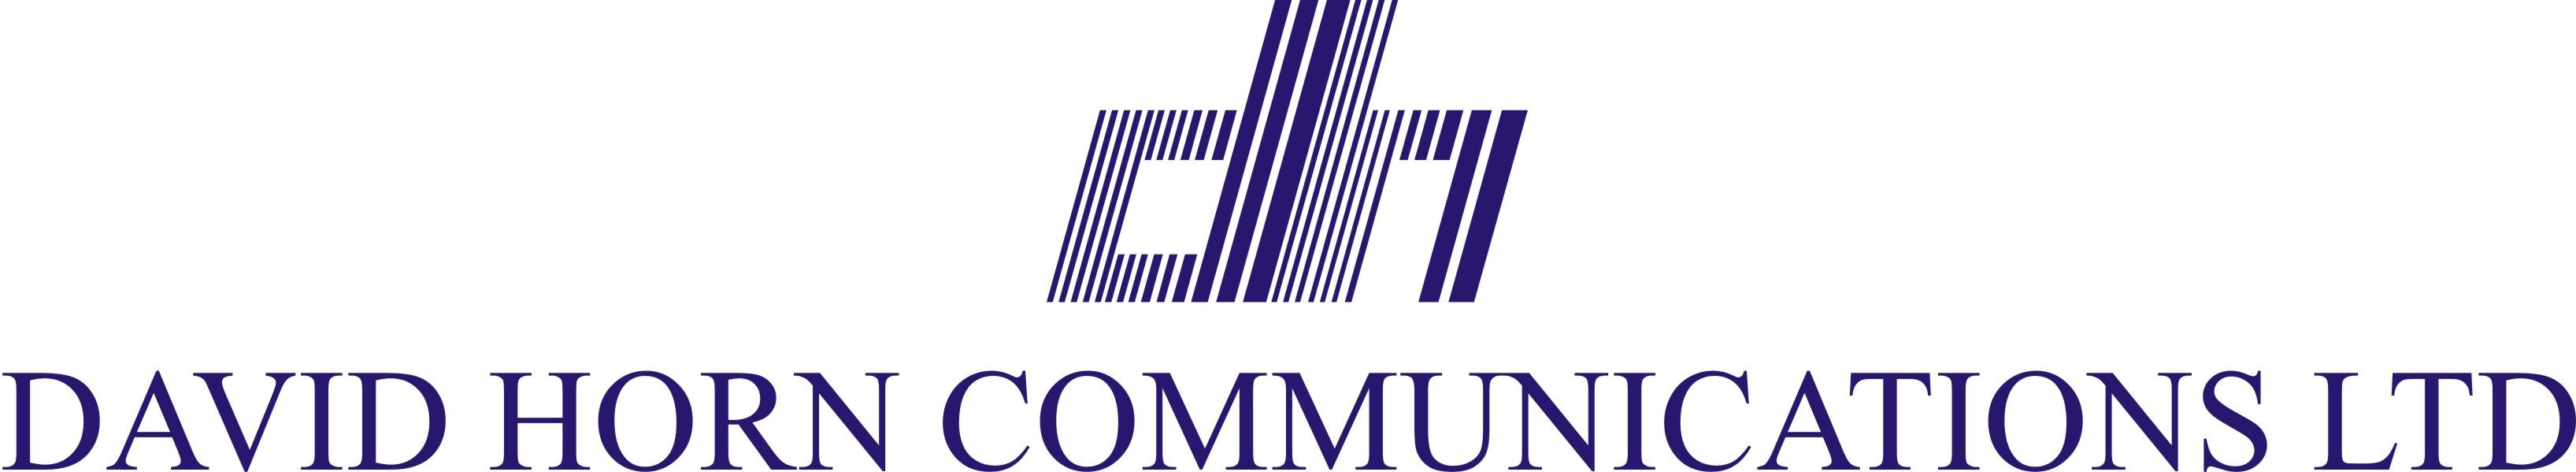 19982.jpg